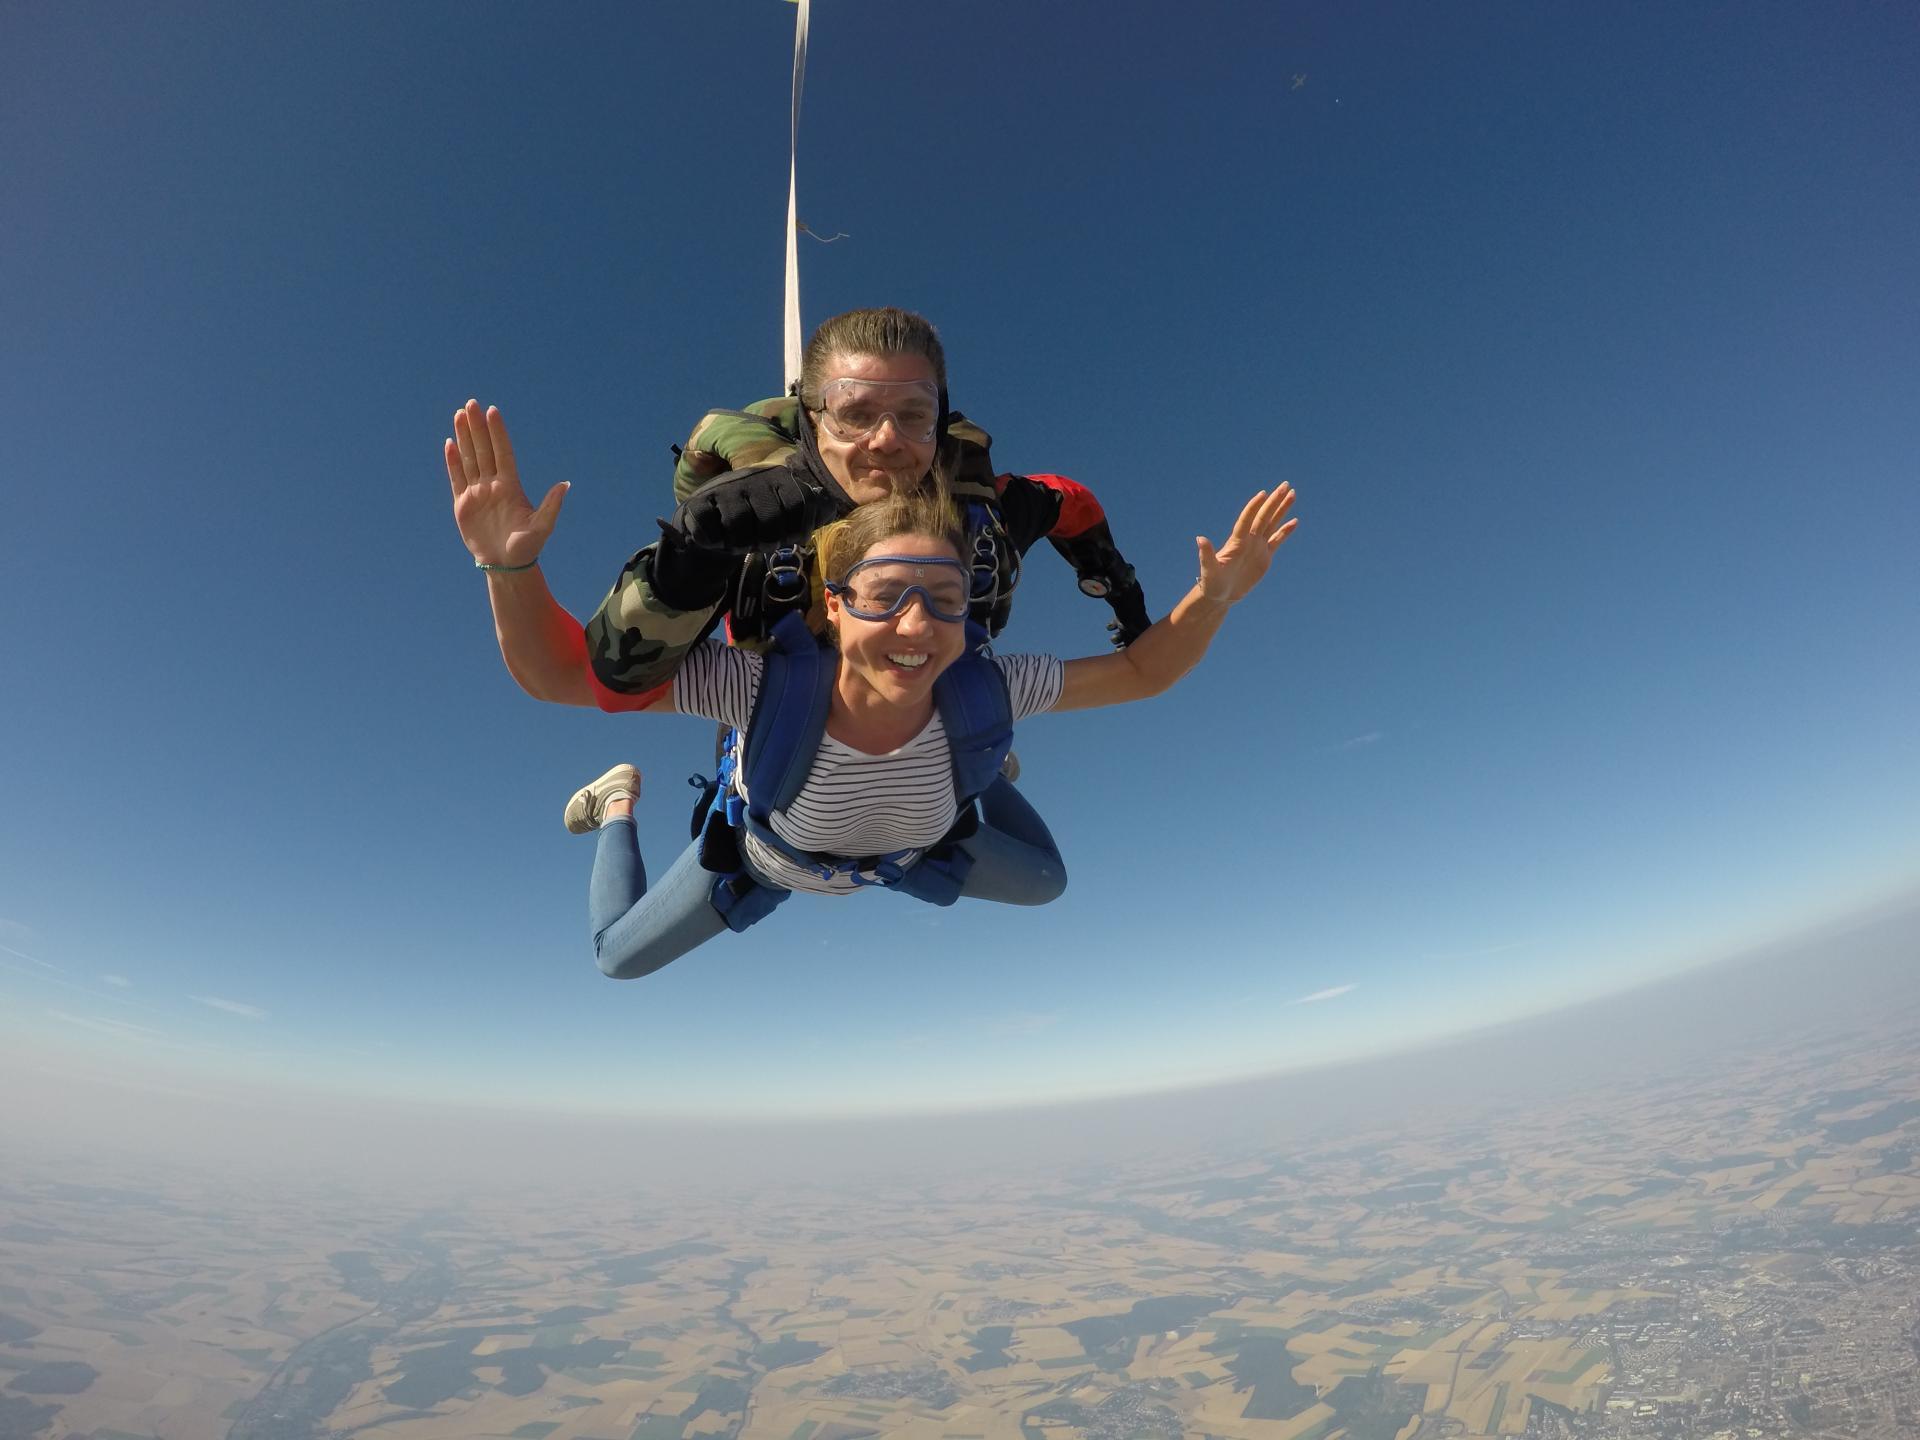 Sauter en parachute somme